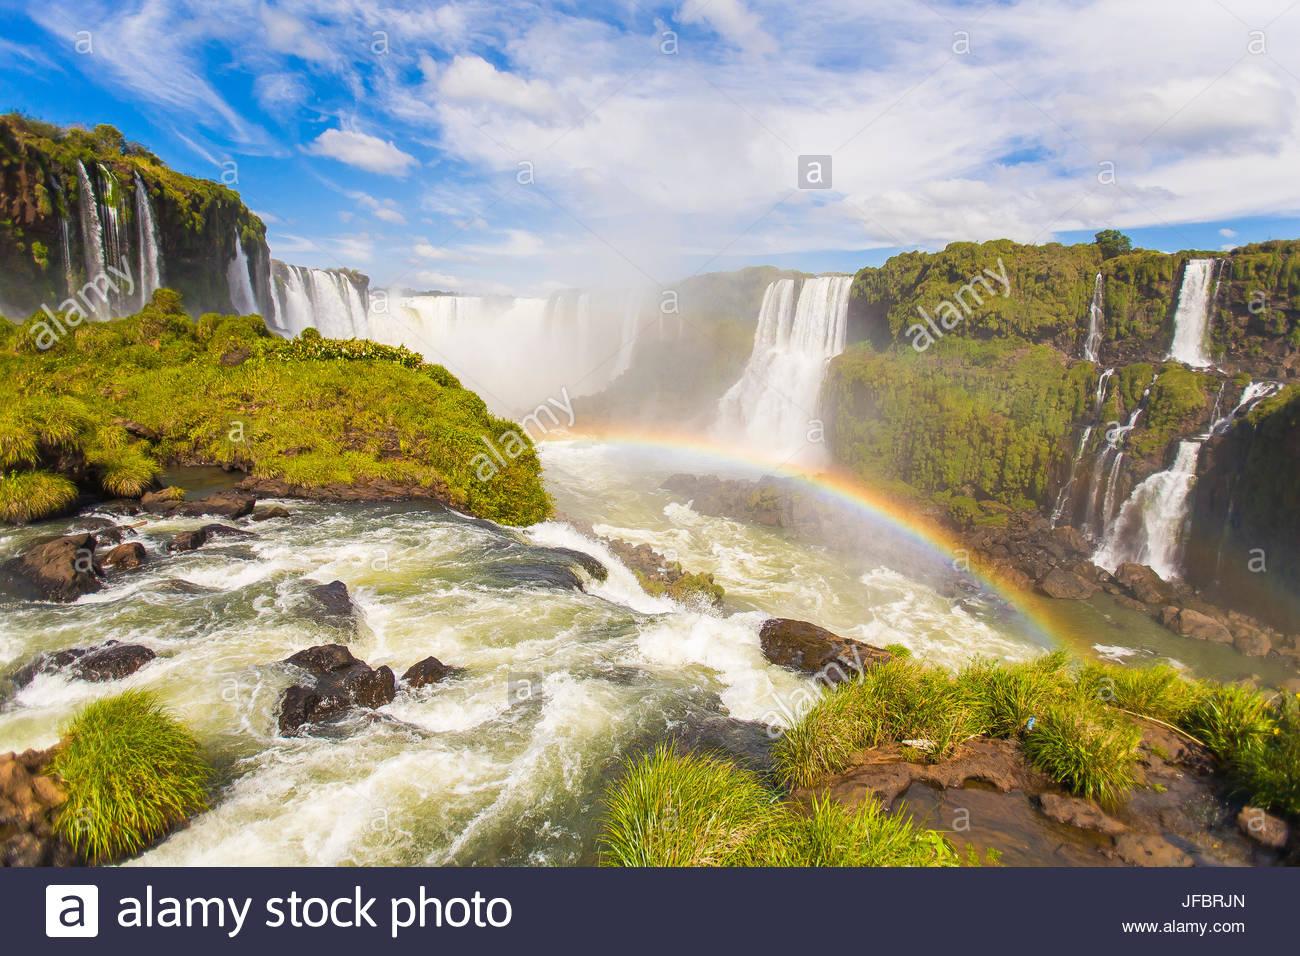 Ein Regenbogen in Iguazu Wasserfälle an der Grenze zwischen Argentinien und Brasilien in Südamerika. Stockbild